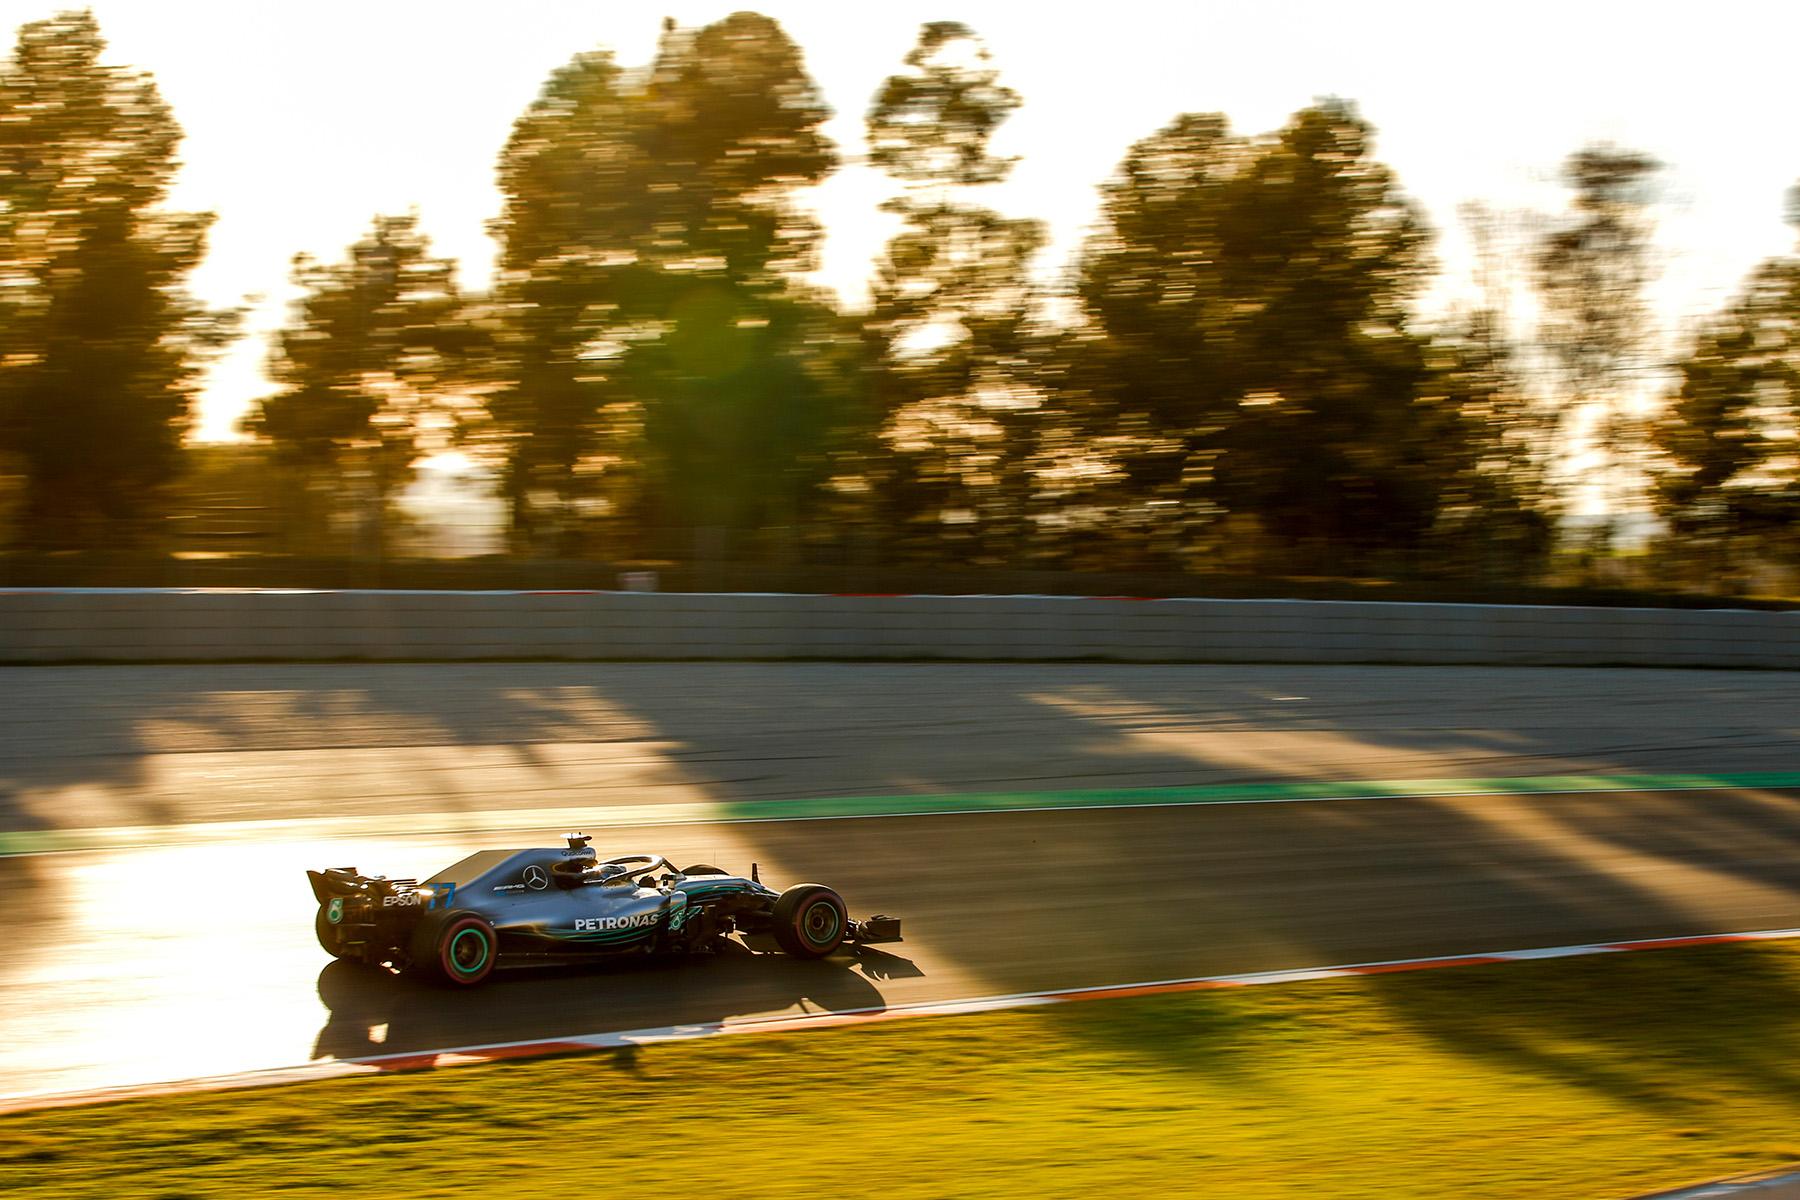 Valtteri Bottas testing in Barcelona